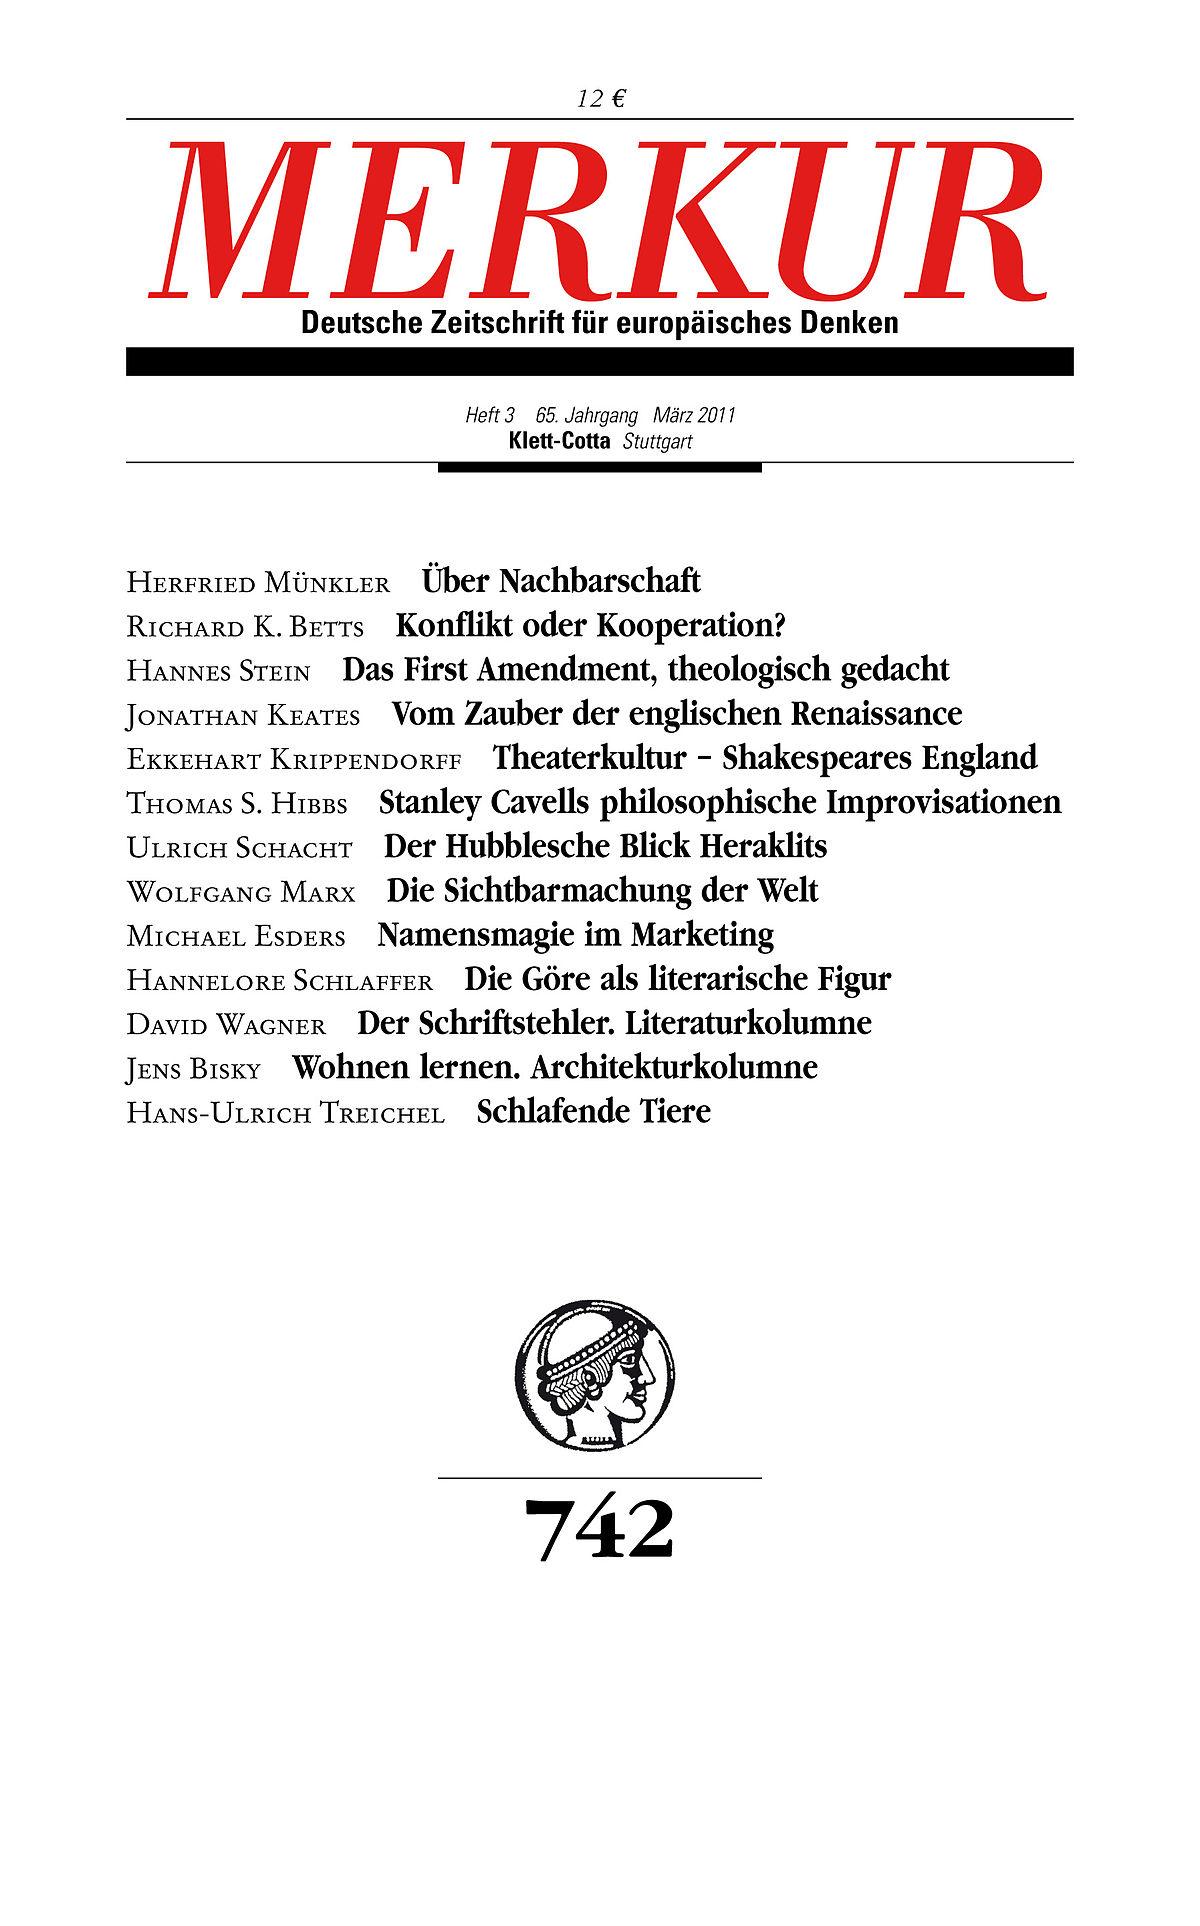 Merkur Deutschland